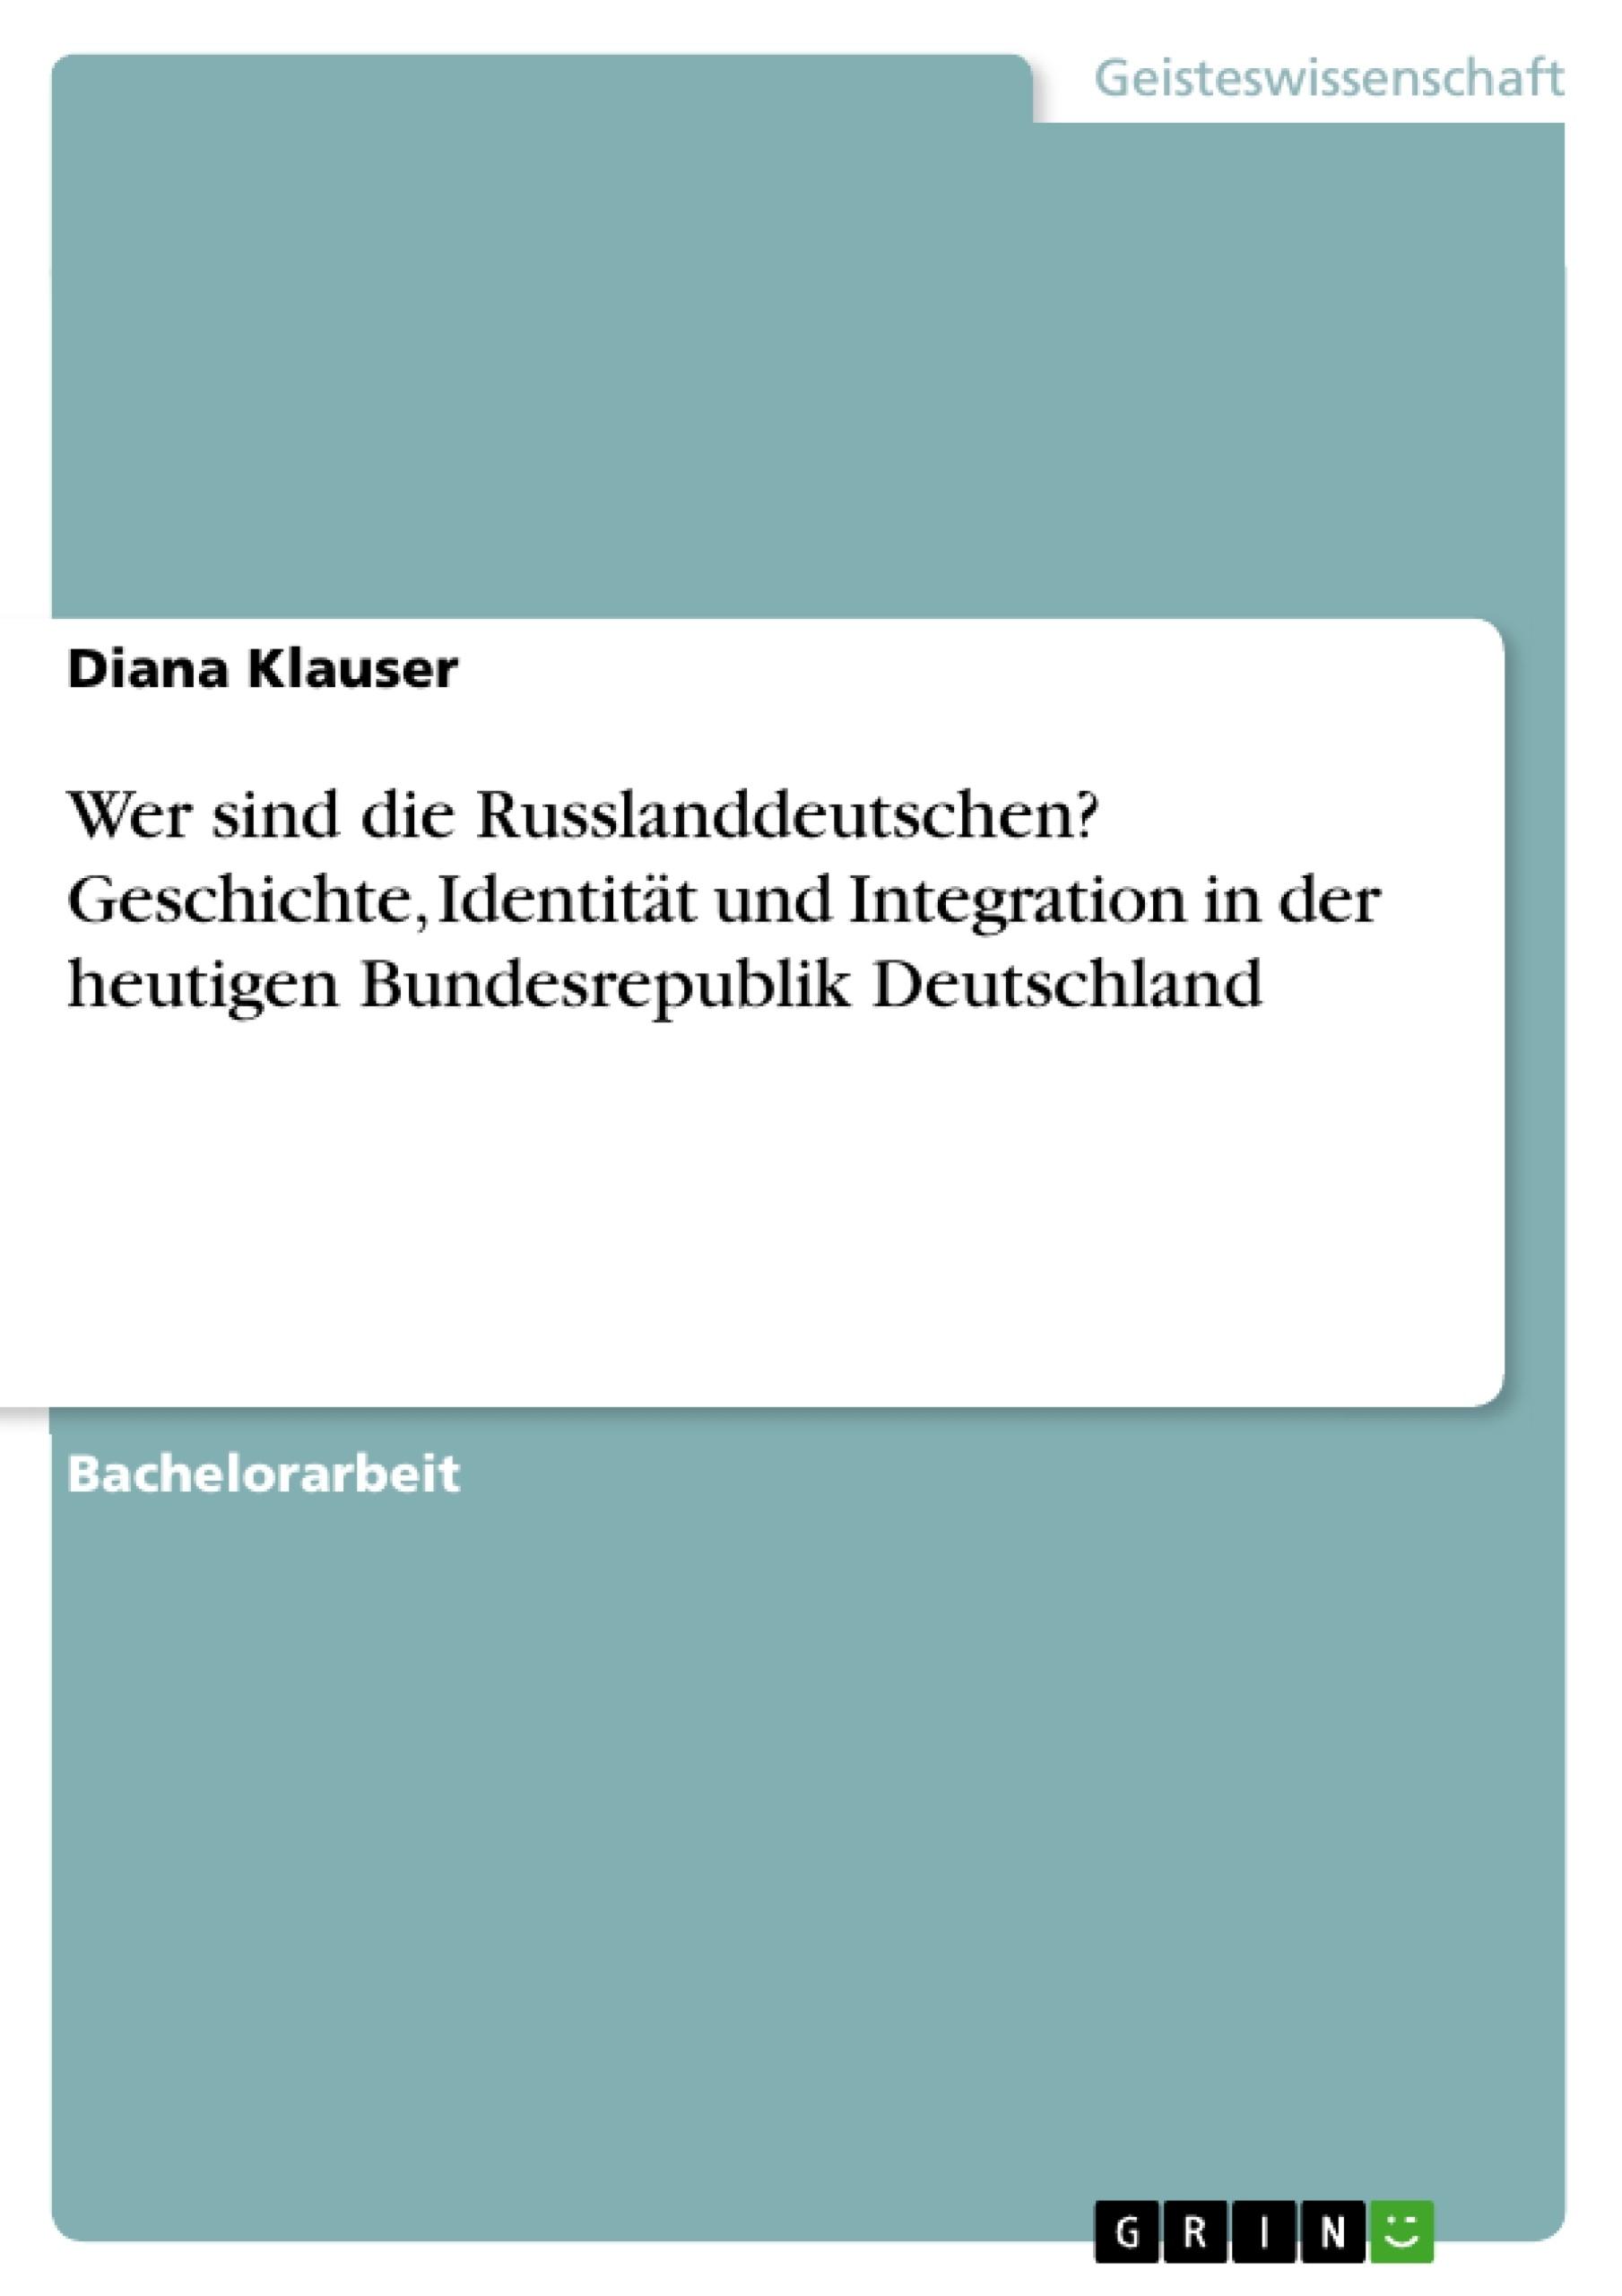 Titel: Wer sind die Russlanddeutschen? Geschichte, Identität und Integration in der heutigen  Bundesrepublik Deutschland